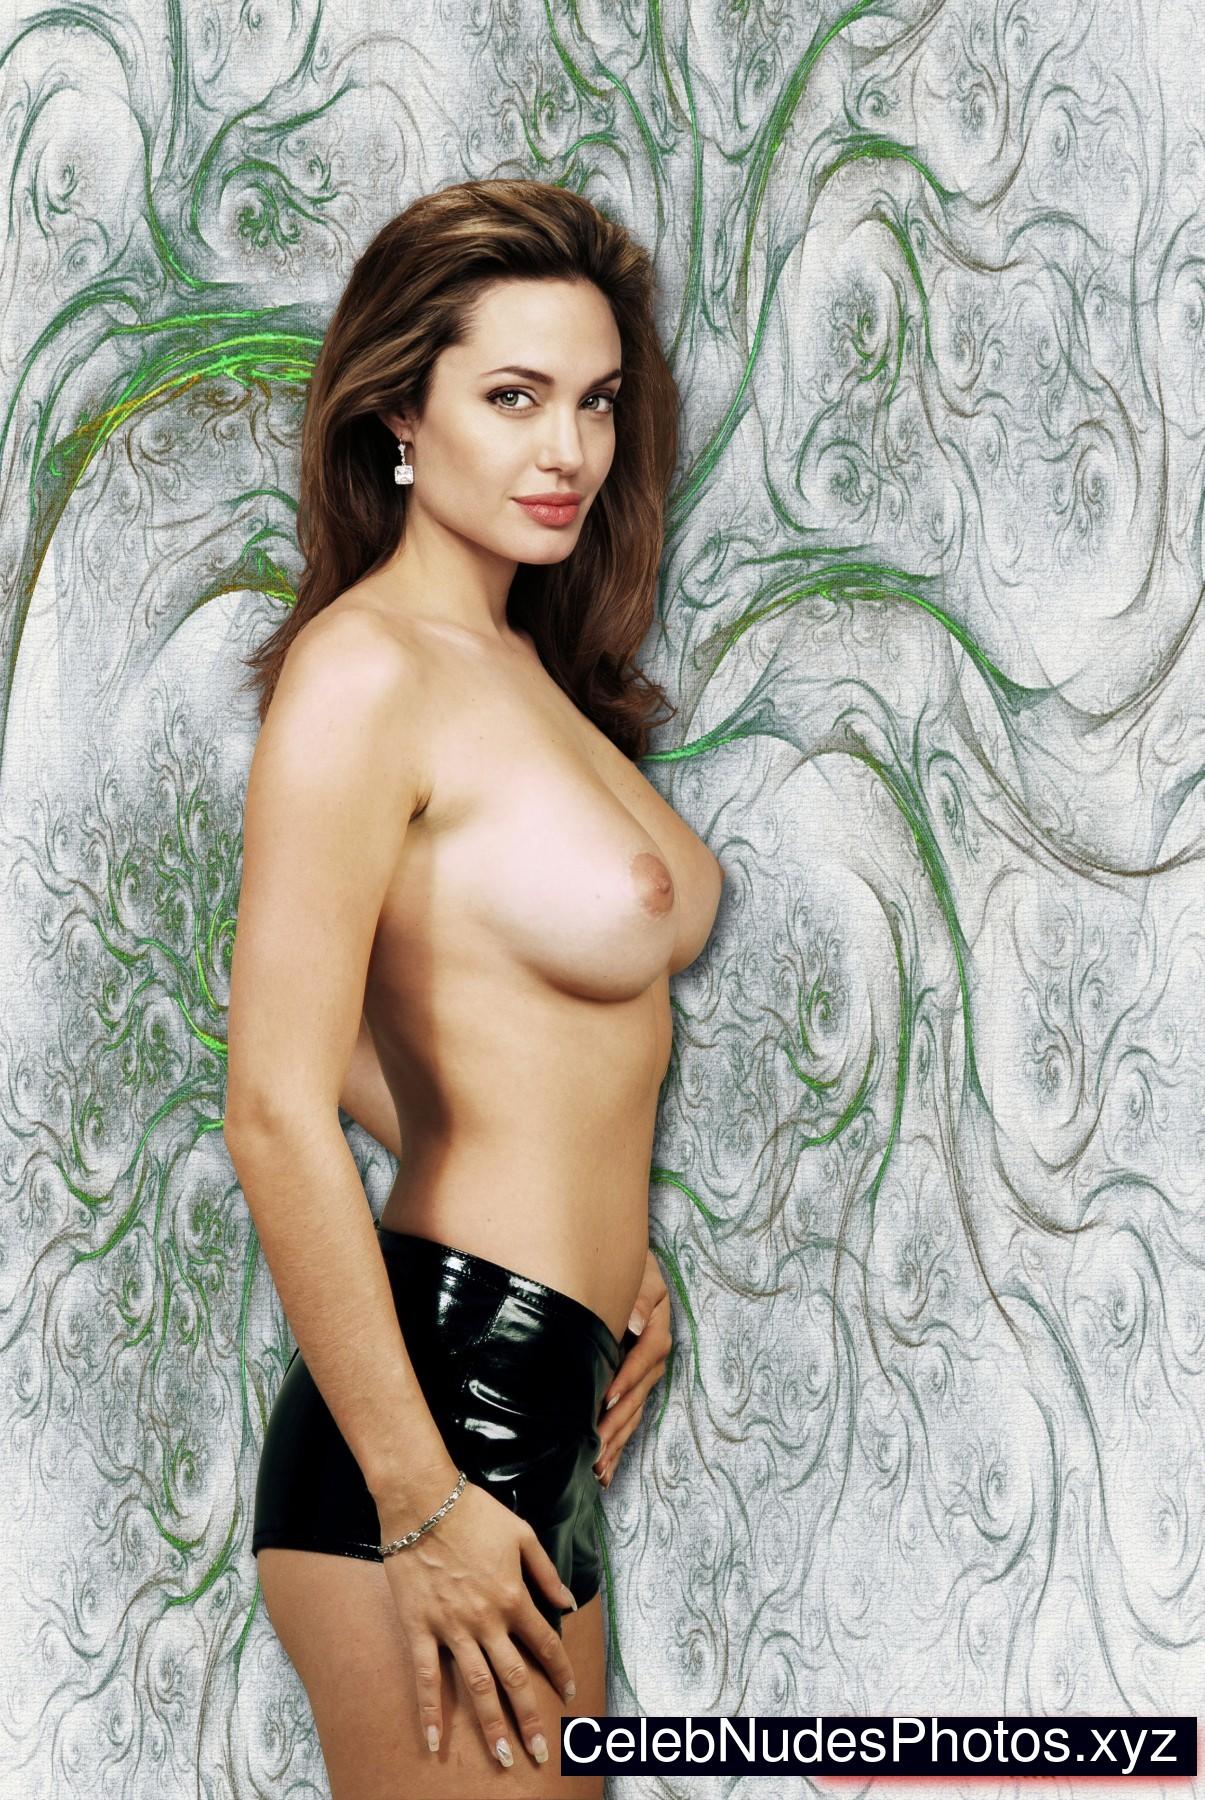 worlds sexiest pornstar